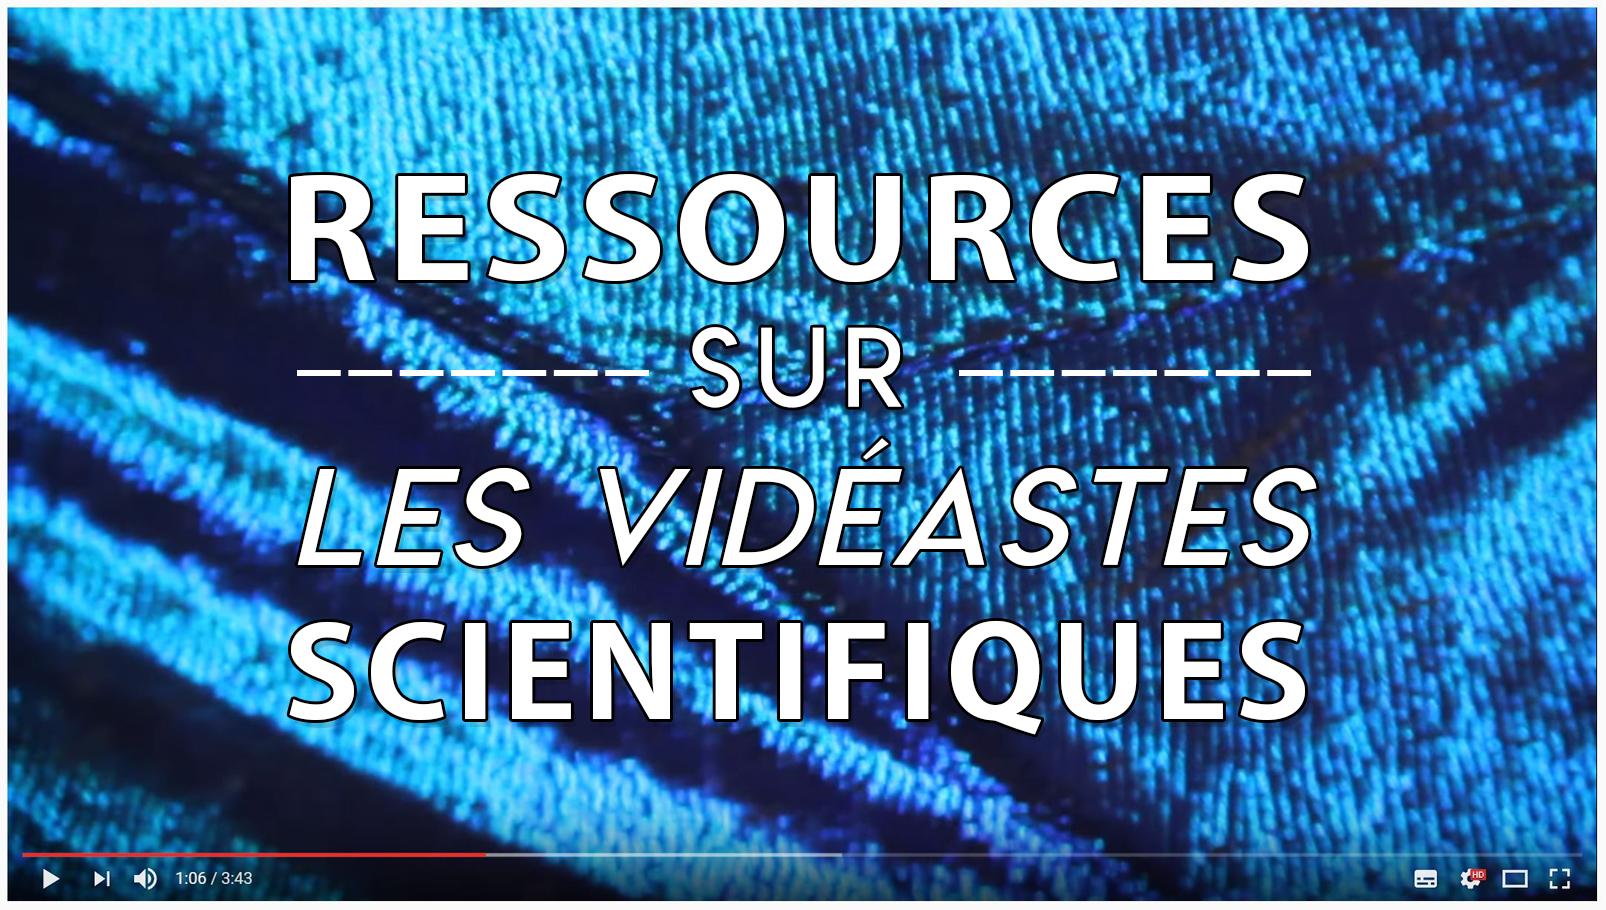 Liste de liens utiles, ressources et références bibliographiques sur Youtube, les youtubeurs scientifiques et les vidéastes scientifiques